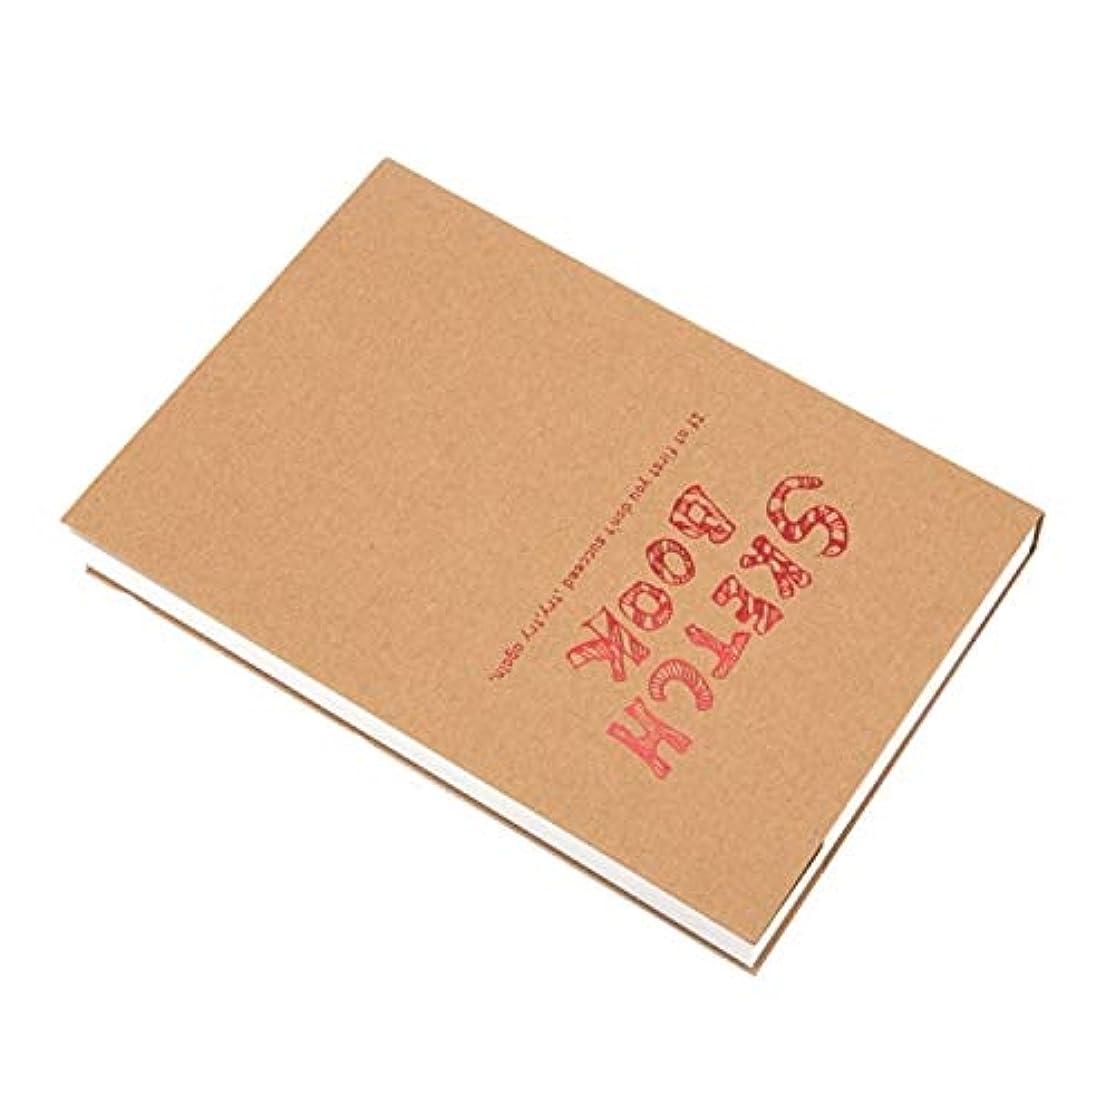 剥ぎ取る子供っぽい裁定HHM 林BN5704スケッチブック、メモ帳アーティストスケッチ設計図面120枚ヴィンテージスケッチブック日記図面ノートブック、サイズ:A5